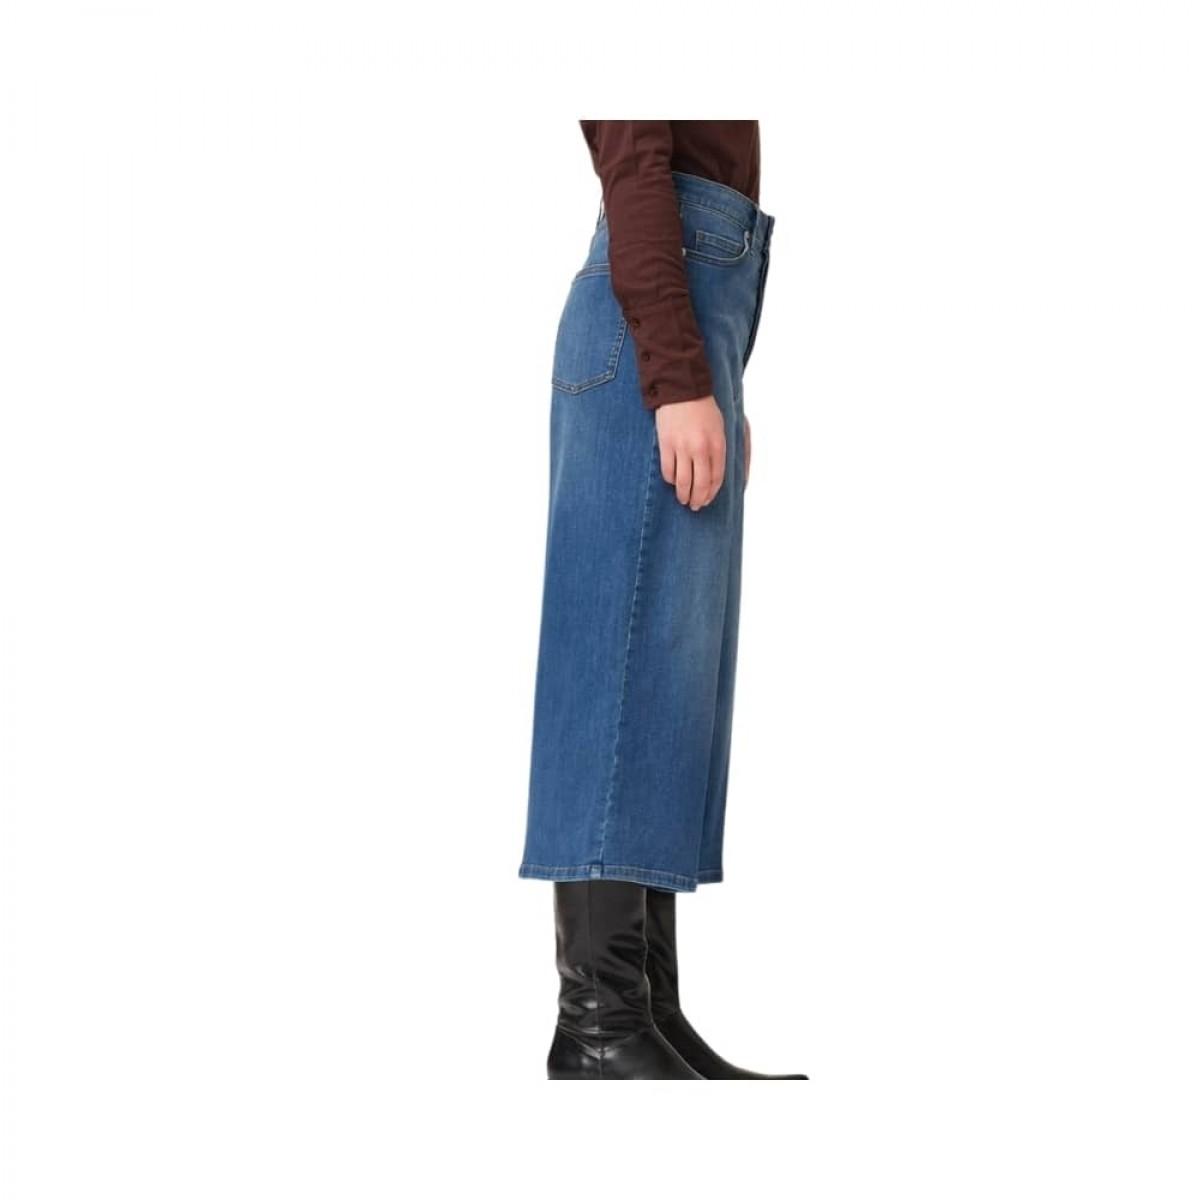 mandela culotte jeans - blue - model fra siden